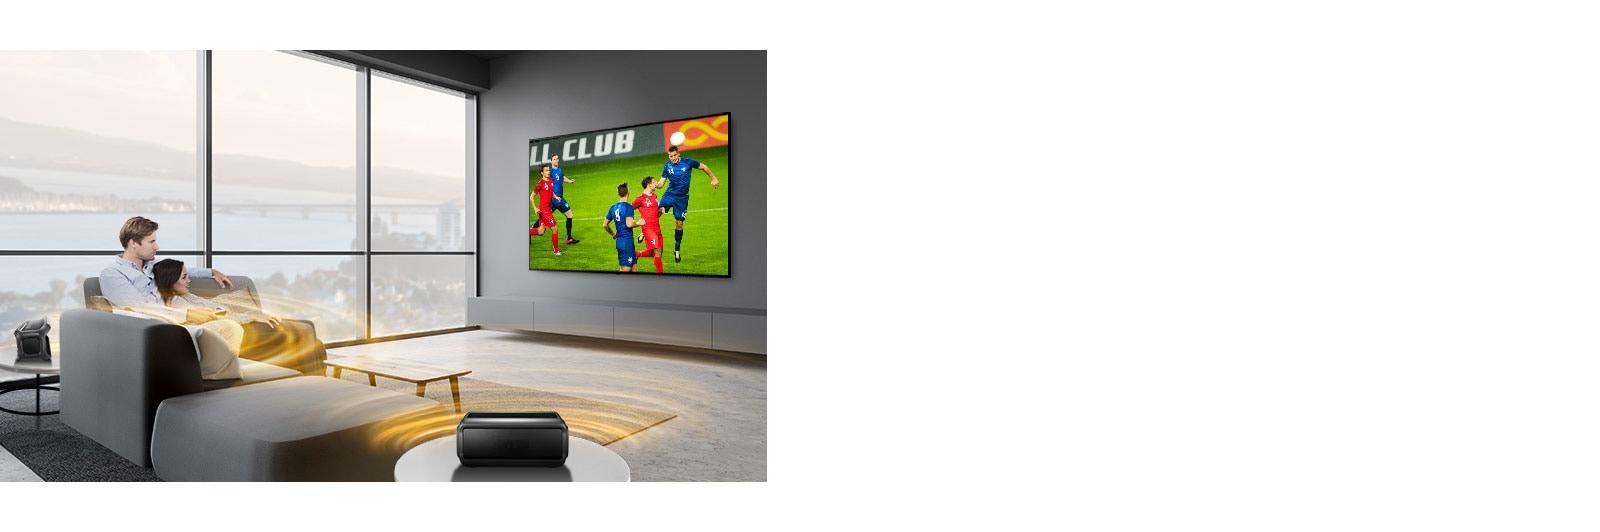 Мужчина и женщина смотрят спортивную игру в гостиной с помощью подключенных через Bluetooth тыловых колонок.